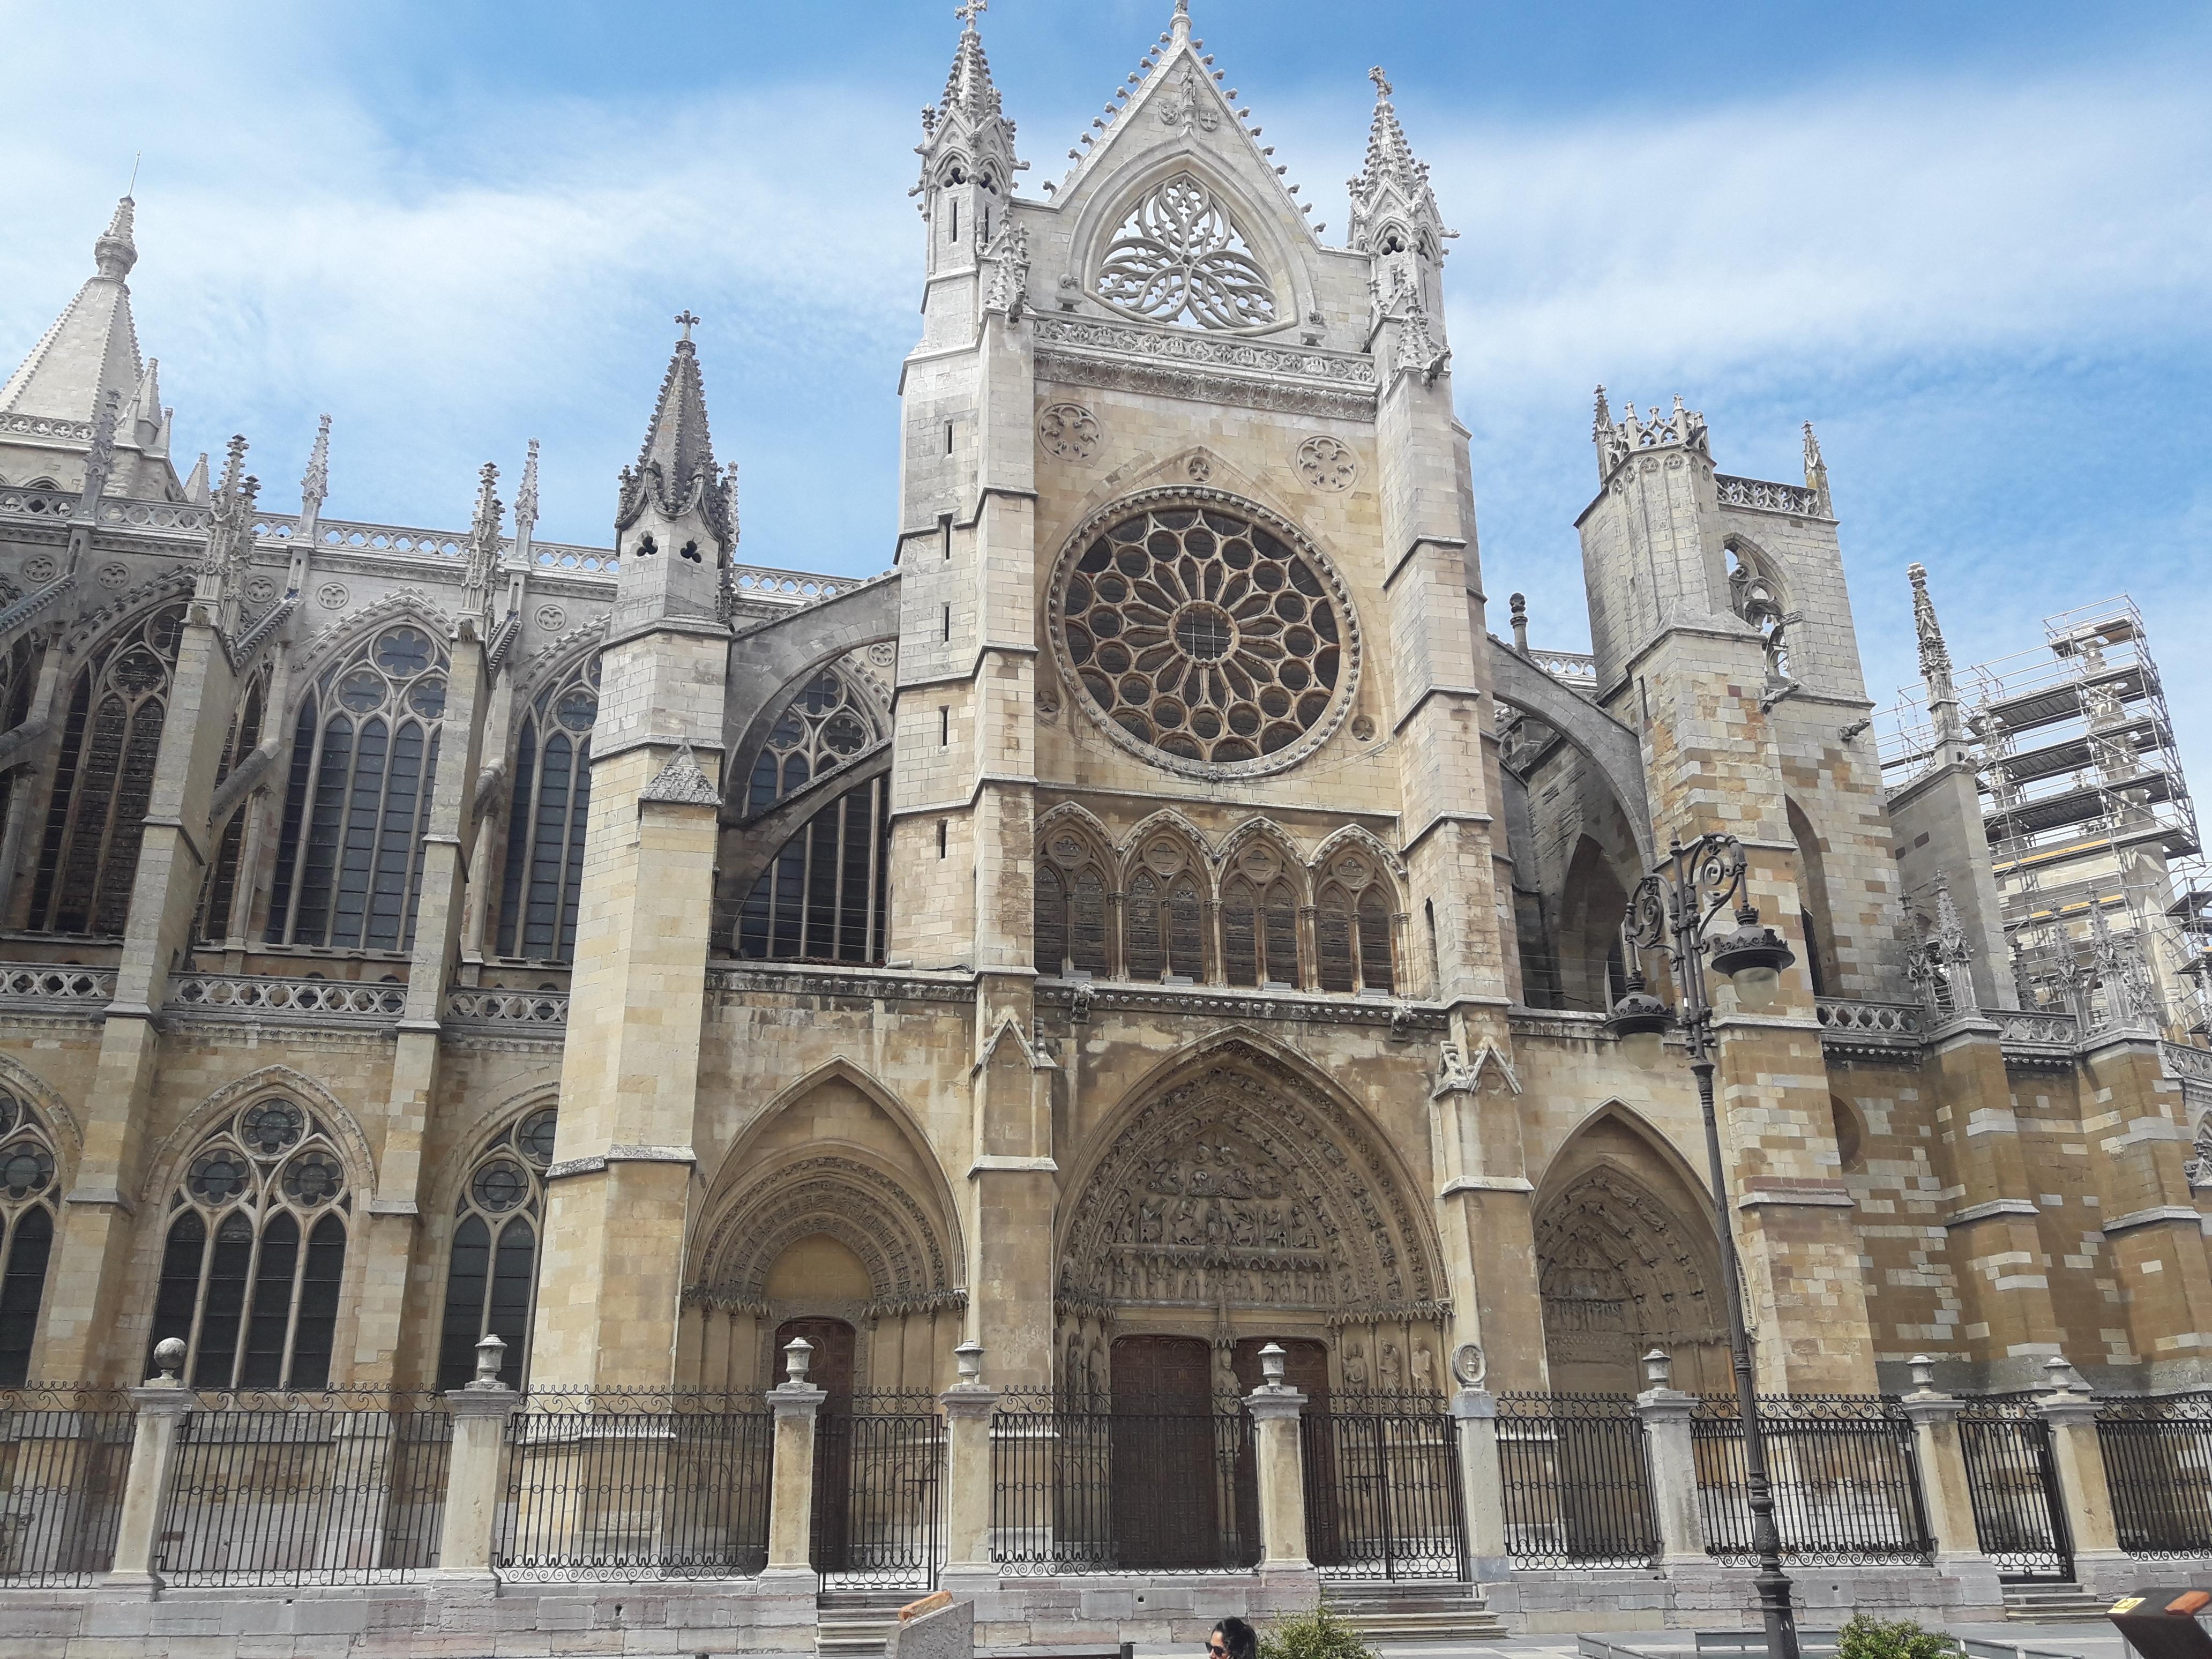 Katedrala iz 13. vijeka u Leonu